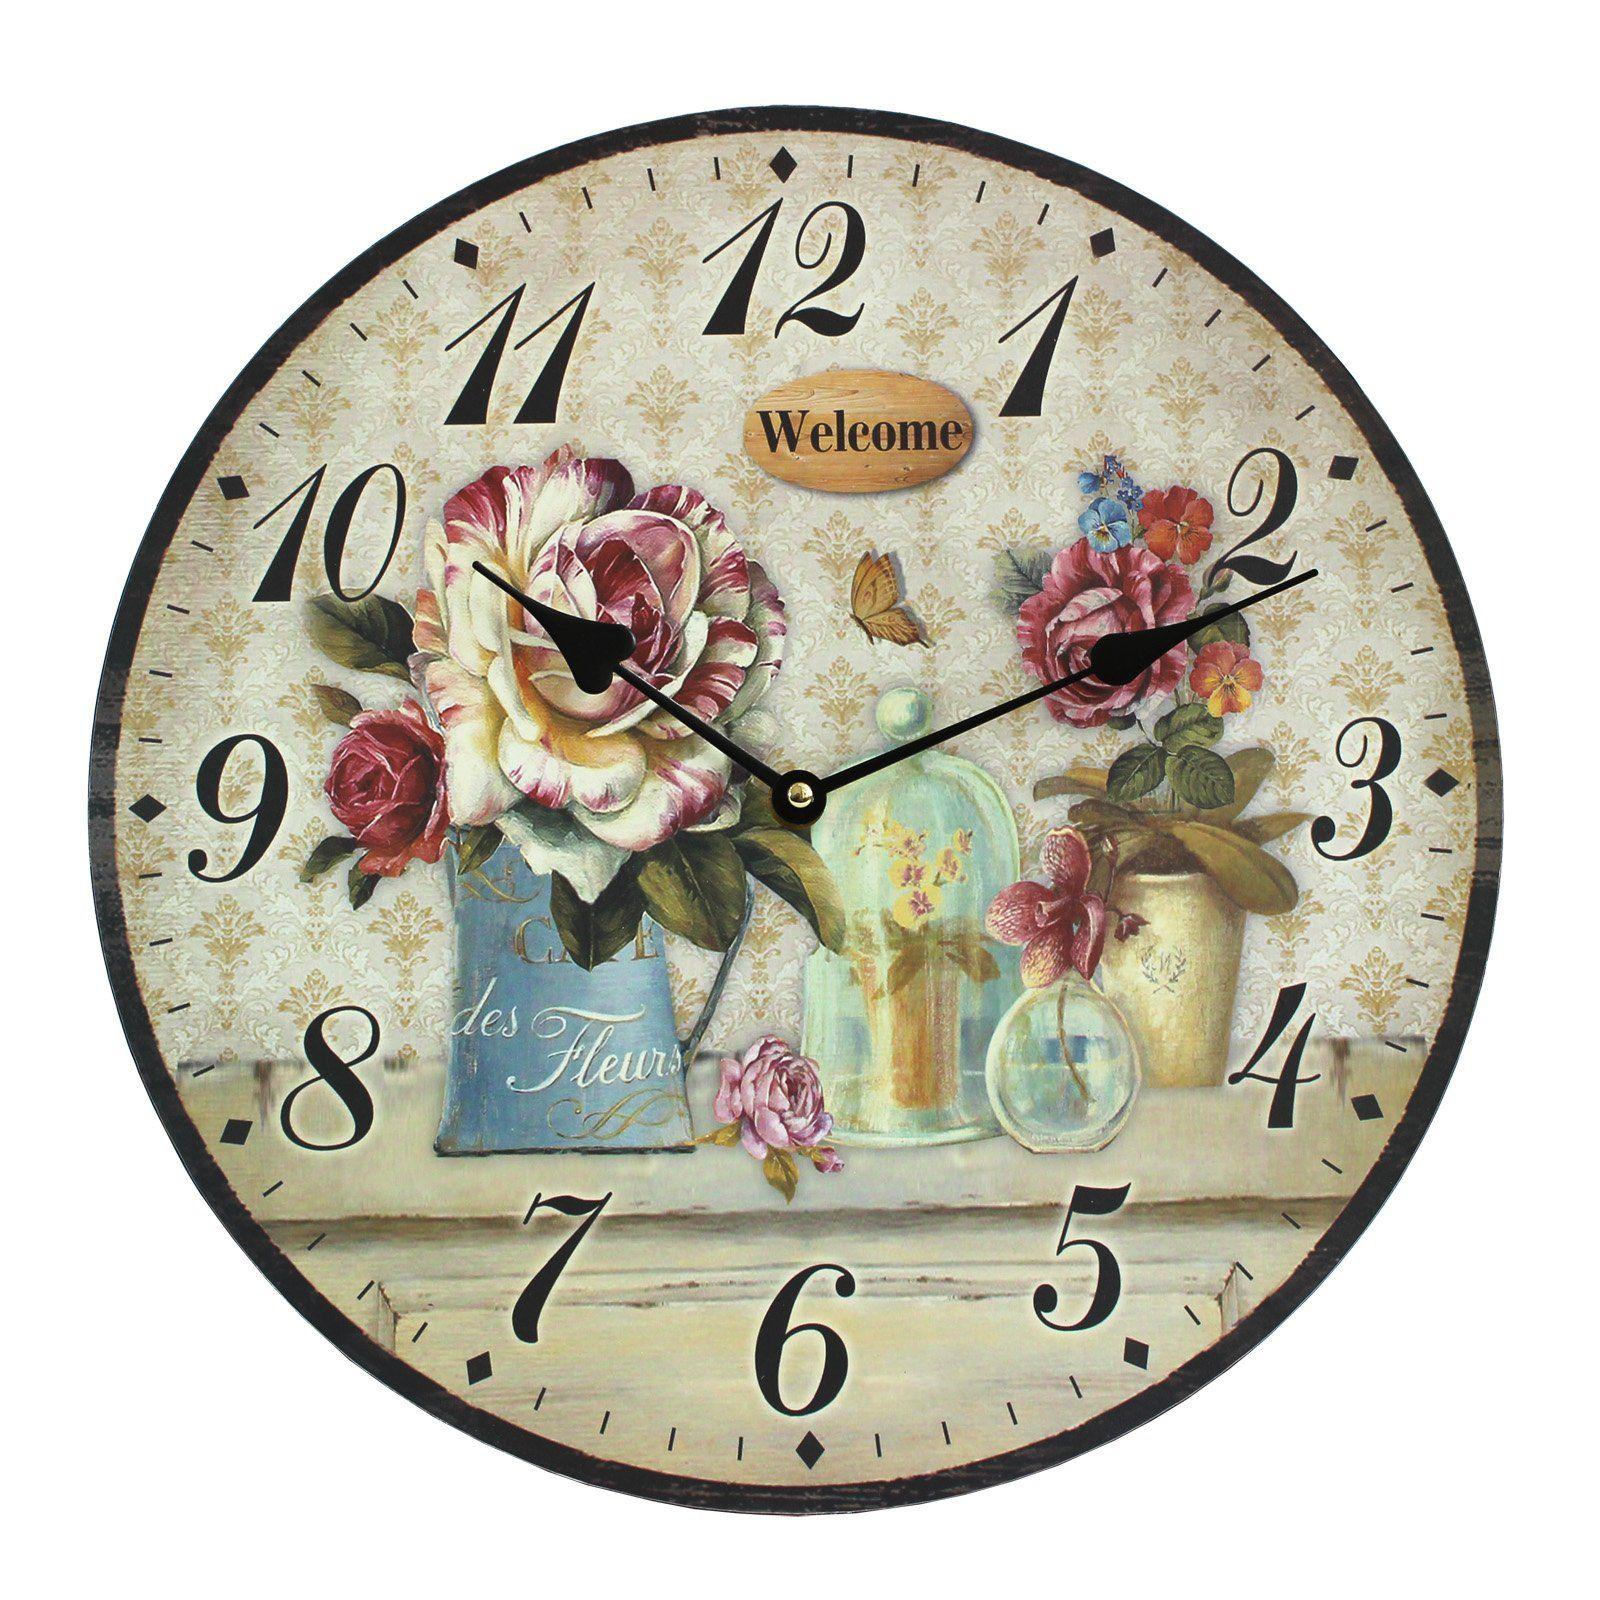 Décoration De La Maison De Style Vintage Shabby Chic En Mdf ... avec Horloge De Jardin